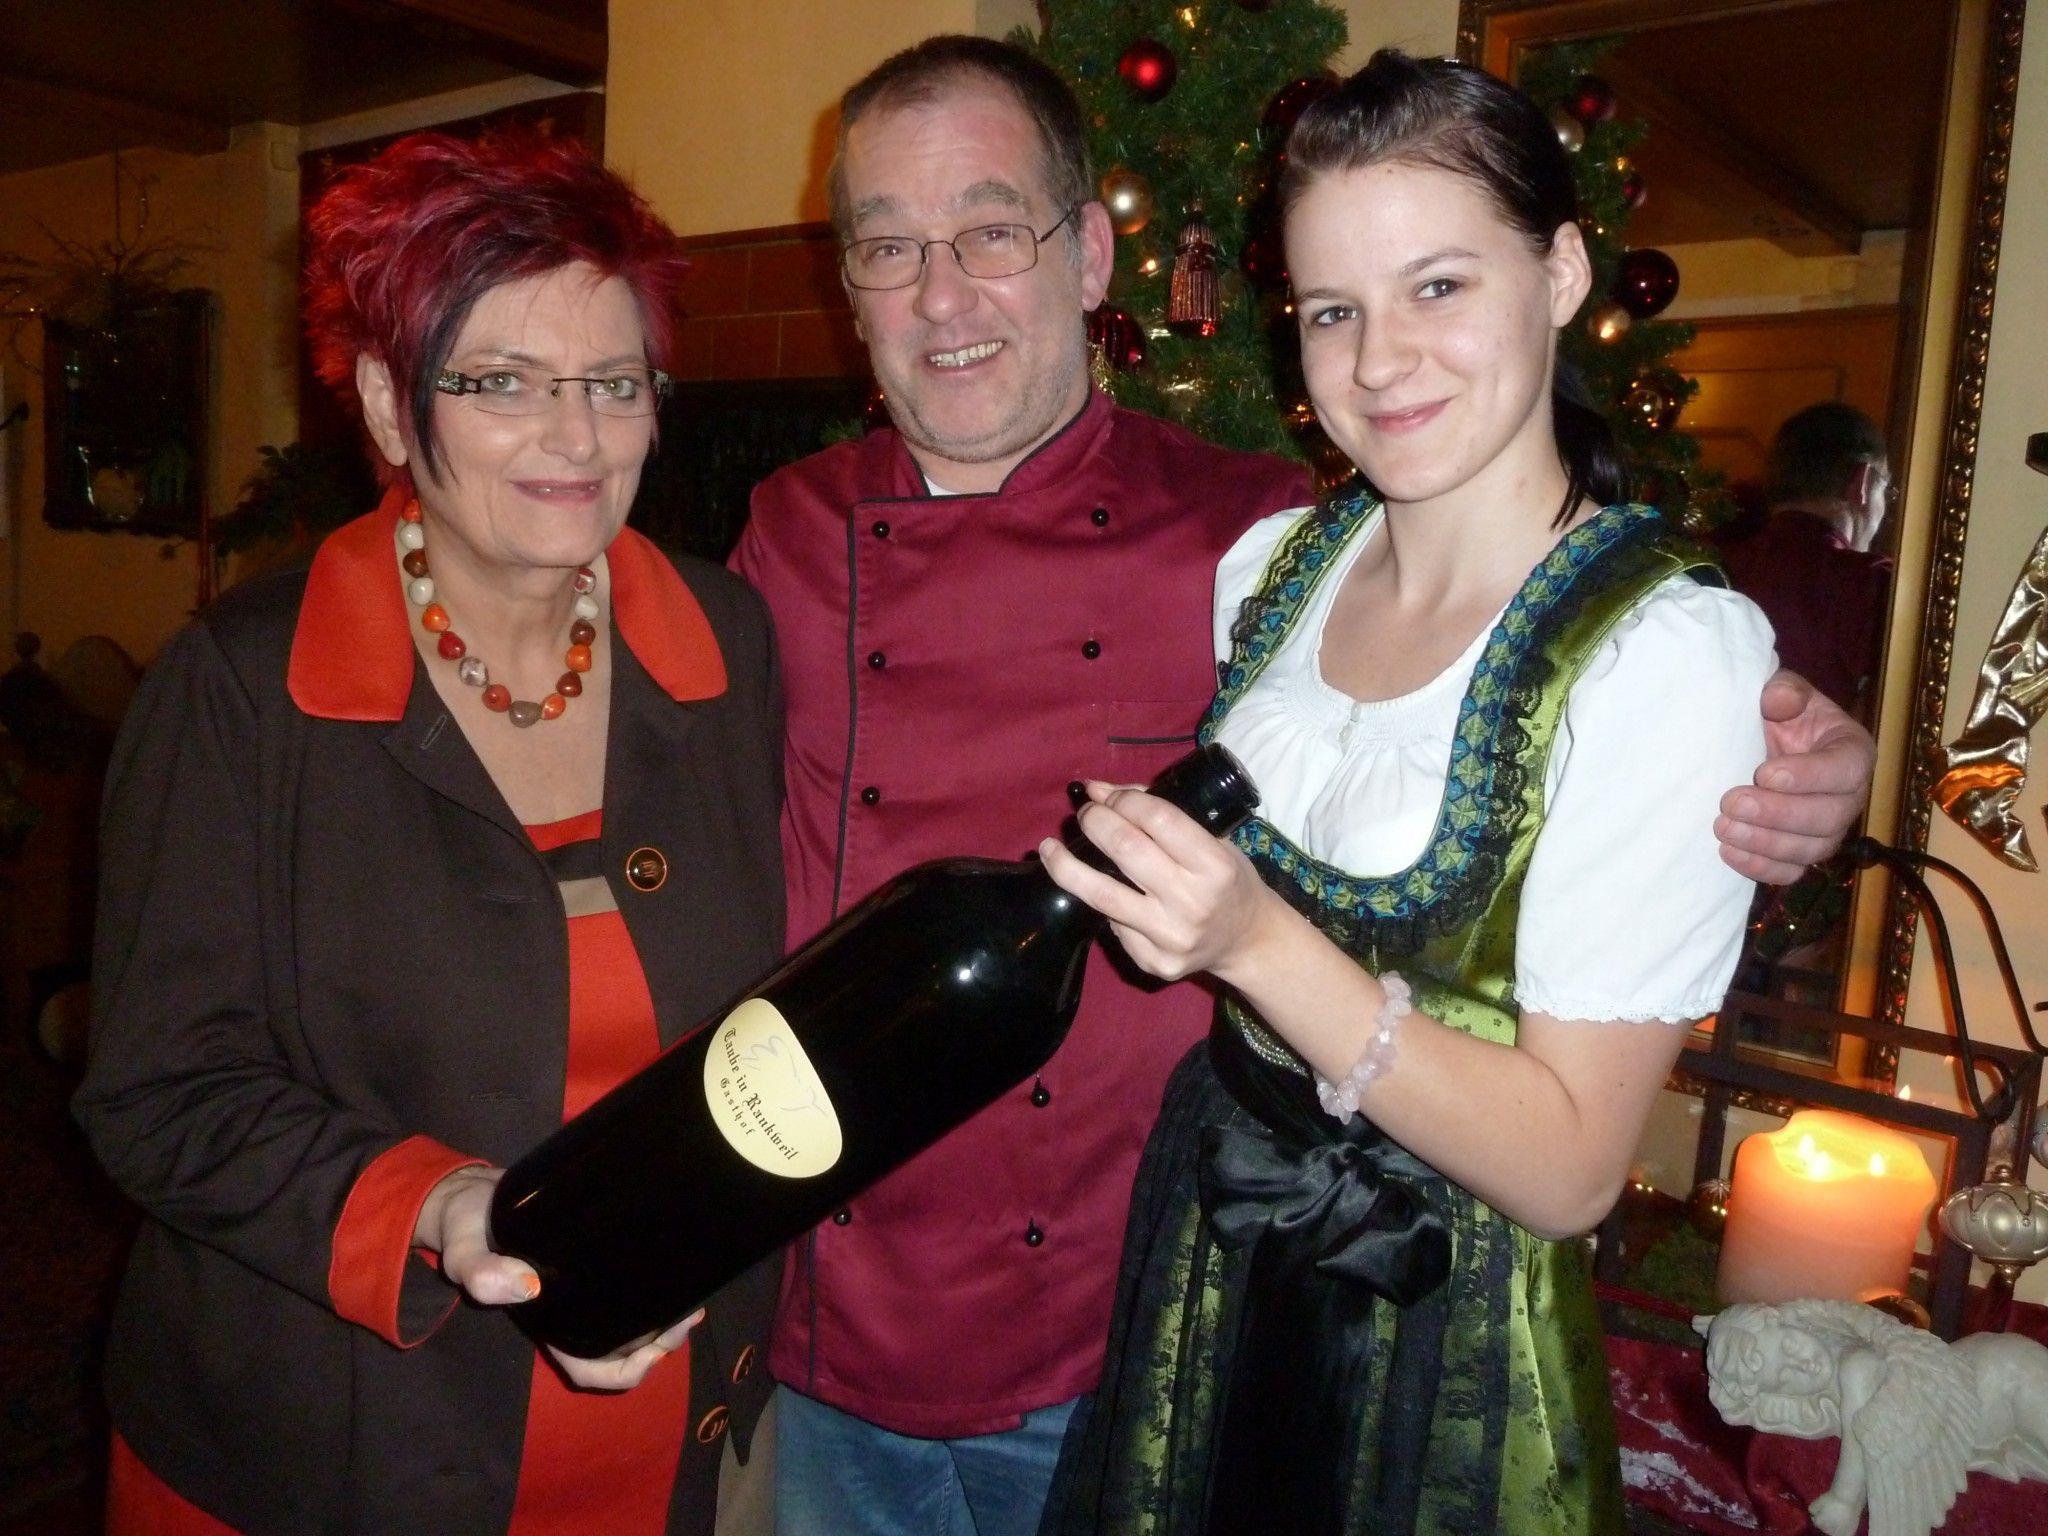 Helmut und Rita Bereuter mit Lehrmädchen Stephanie Juen.